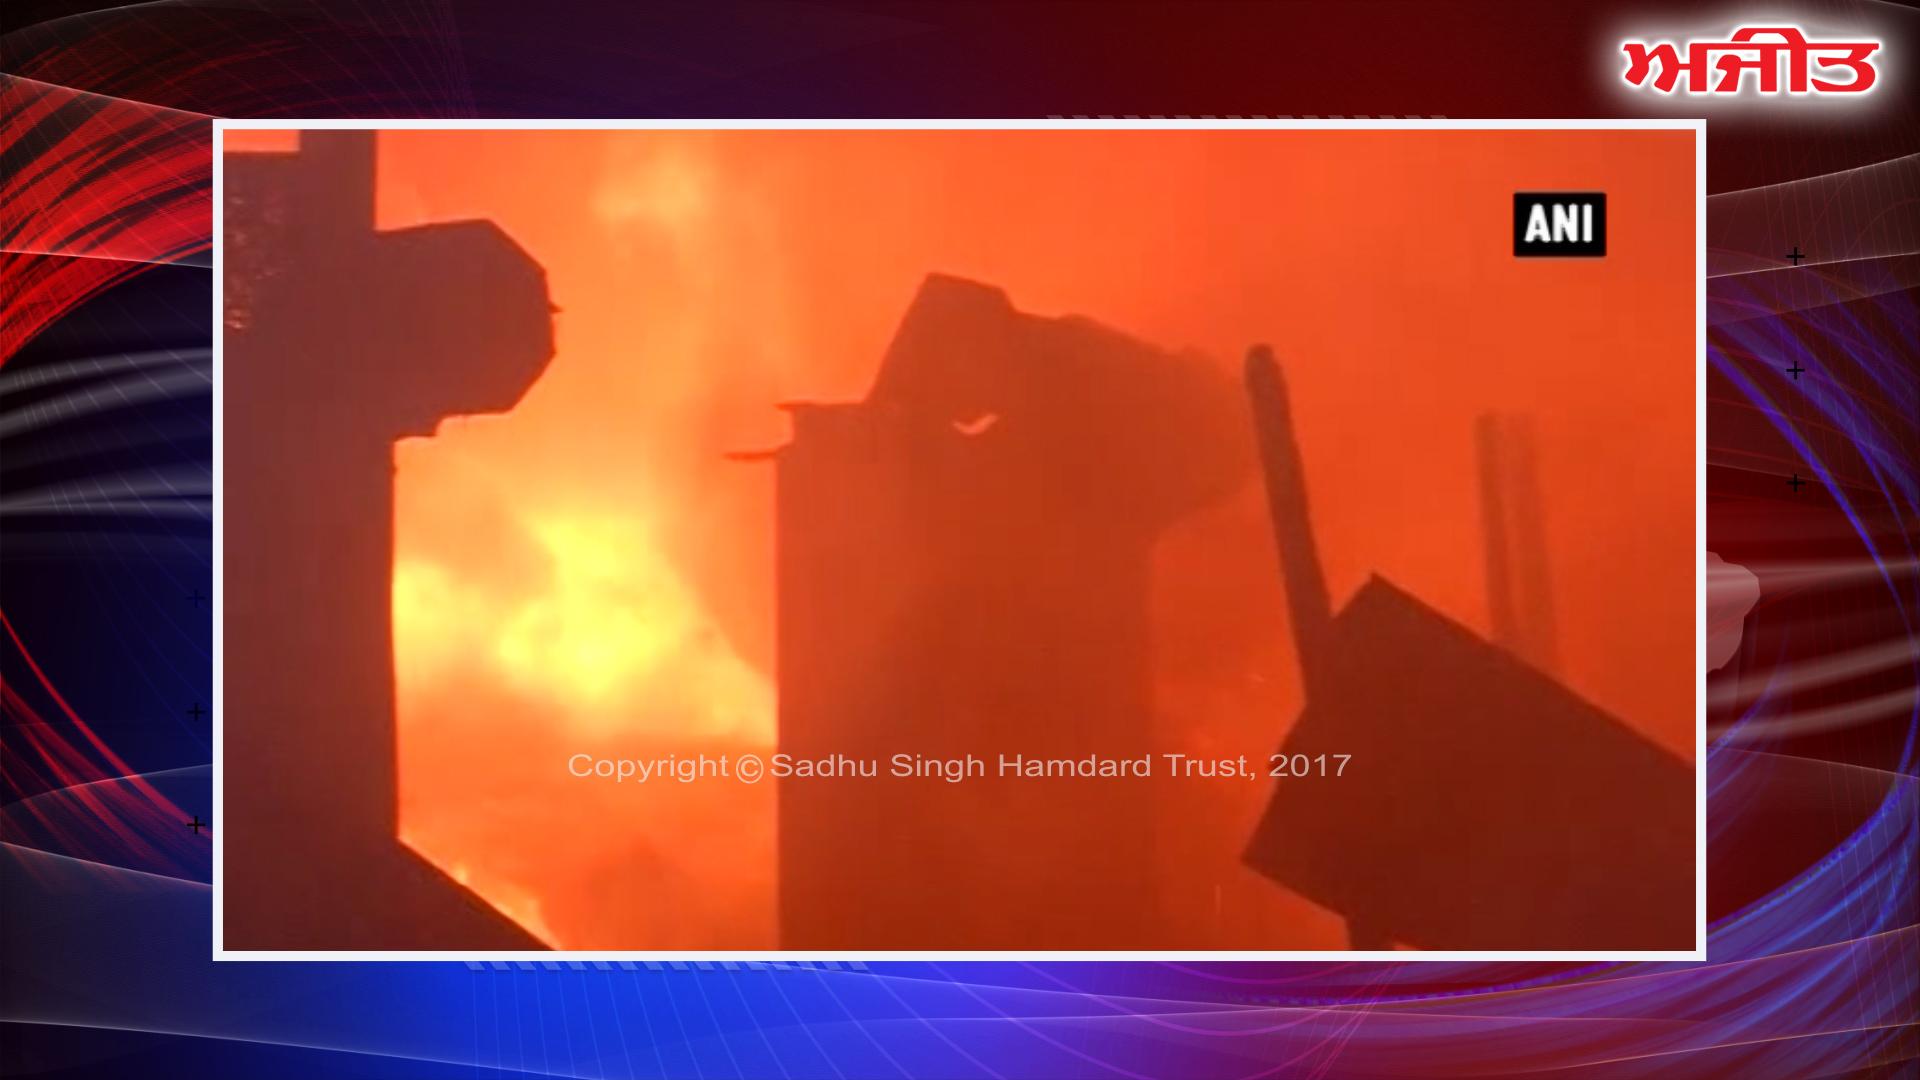 ਨਵੀਂ ਦਿੱਲੀ : ਅੱਗ ਕਾਰਨ 150 ਦੁਕਾਨਾਂ ਸੜਕੇ ਸੁਆਹ, ਅਲਕਾ ਲਾਂਬਾ ਖ਼ਿਲਾਫ਼ ਹੋਈ ਨਾਅਰੇਬਾਜ਼ੀ